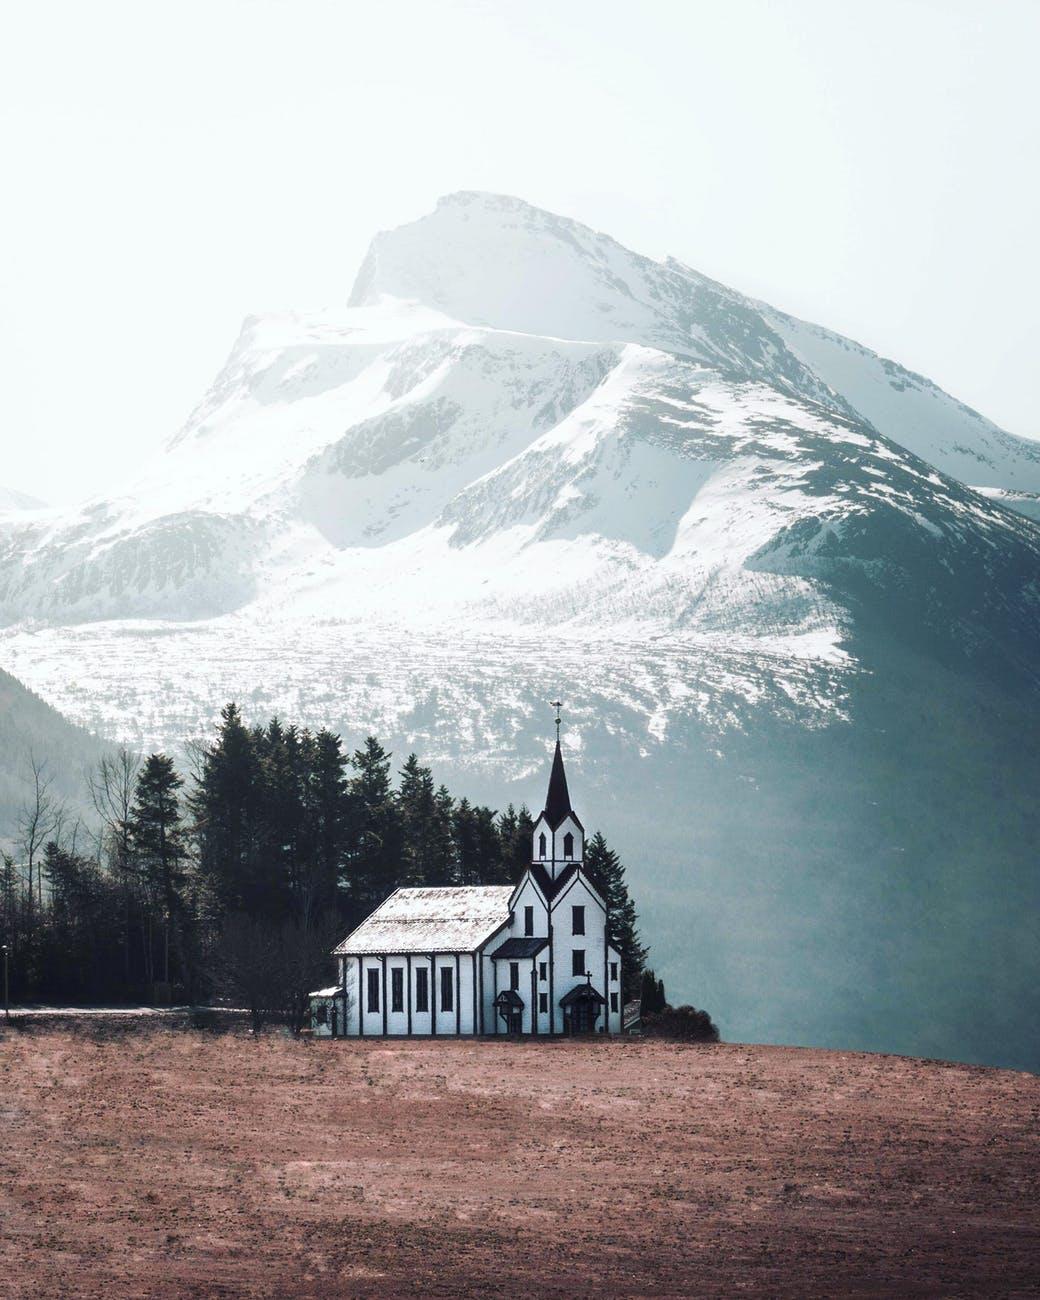 white and black church photo across white mountain